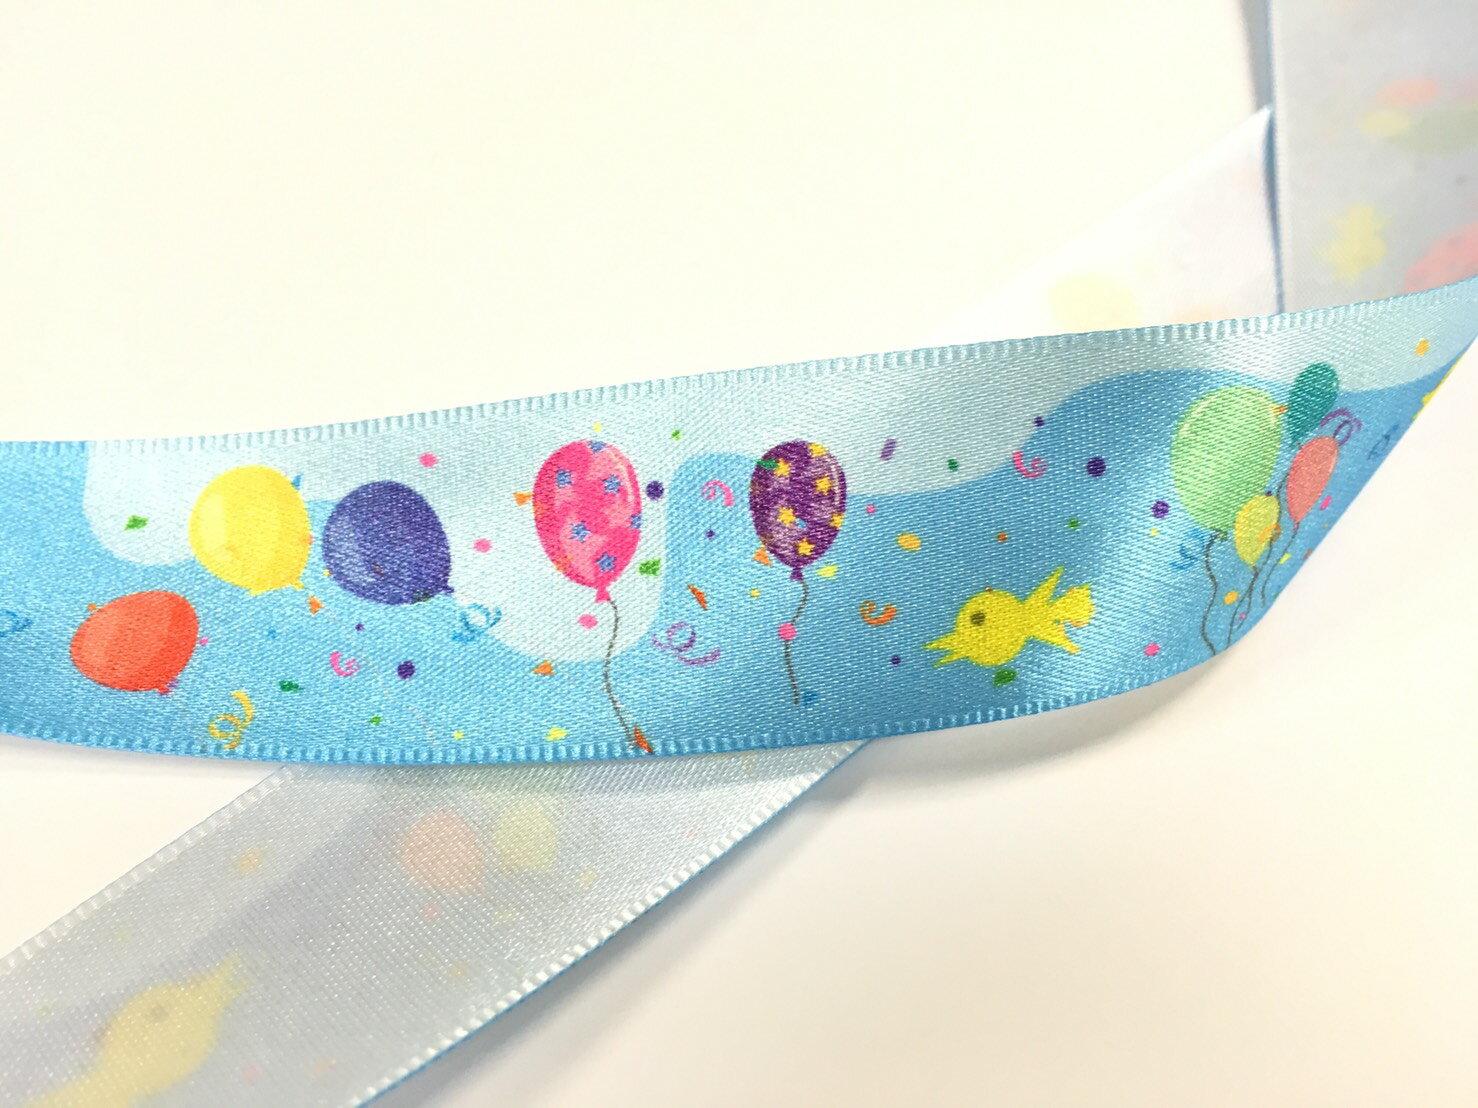 客製化緞帶 新科技新技術-全彩噴墨印刷 最低量100碼(請勿直接下單,歡迎電洽或來信詢問) 1